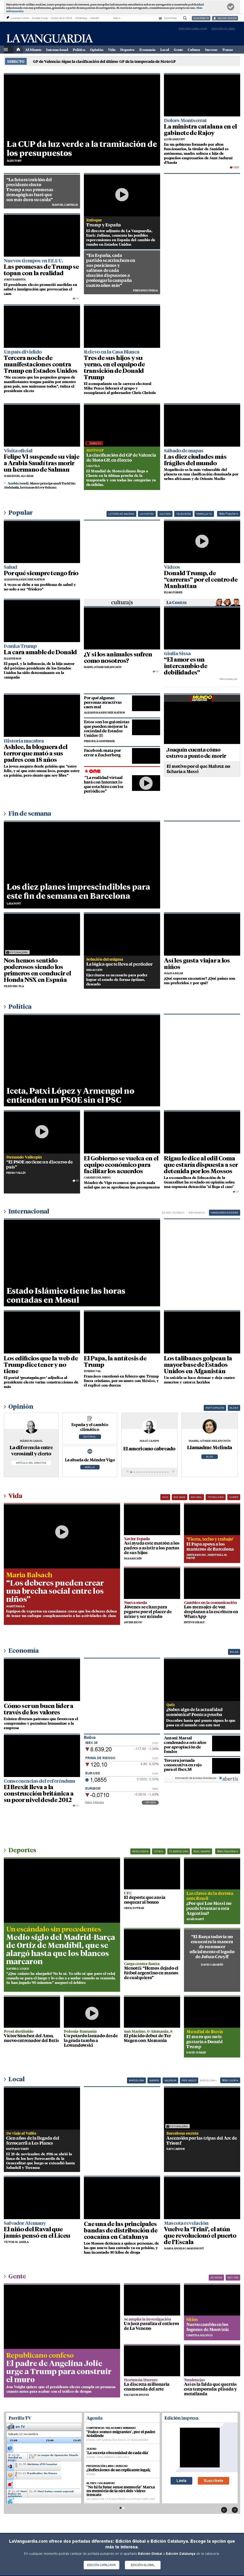 La Vanguardia at Saturday Nov. 12, 2016, 1:24 p.m. UTC